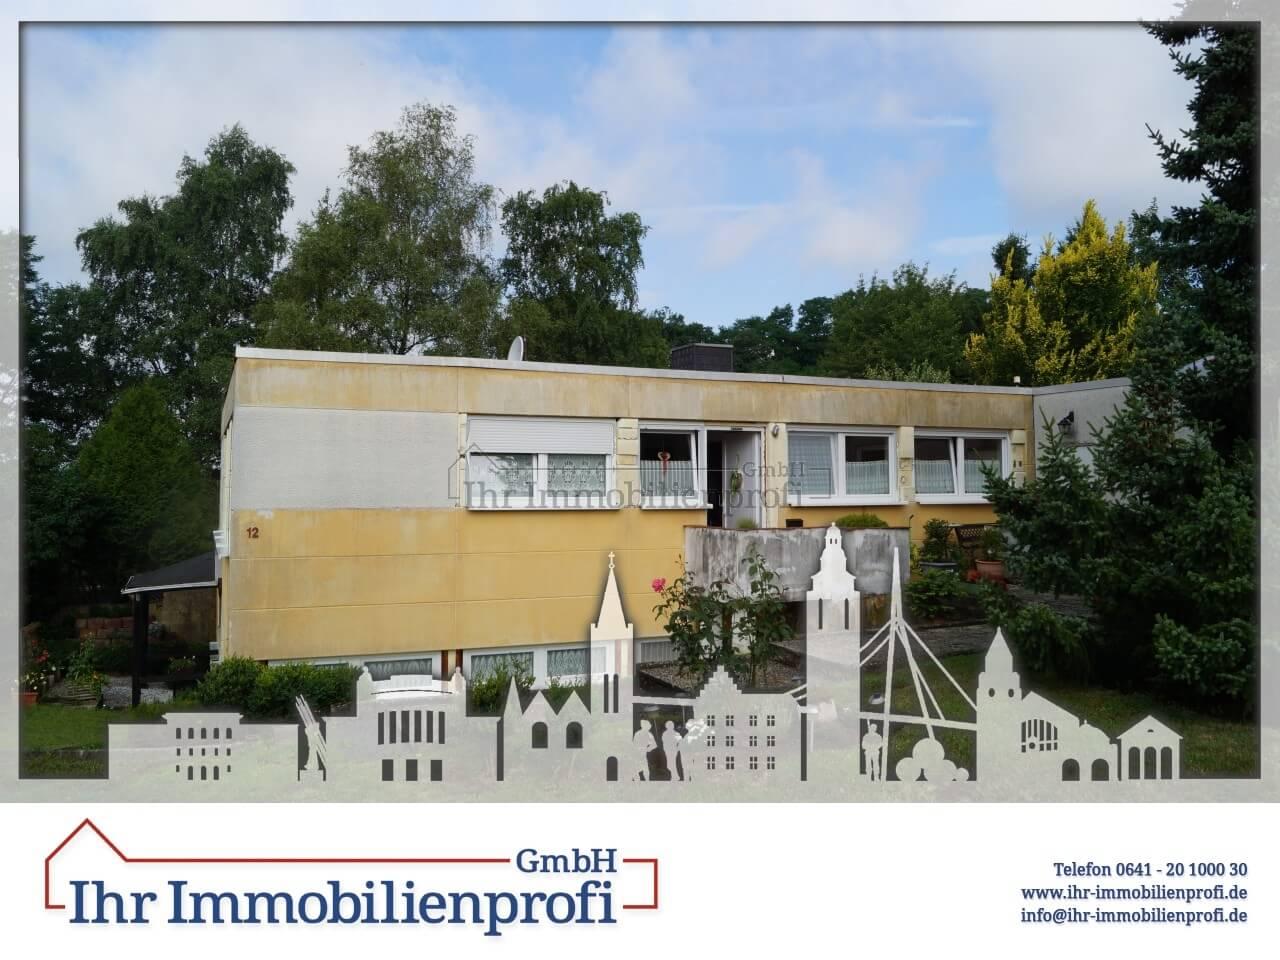 Einfamilienhaus In Feldrandlage Mit Schonem Garten Terrasse